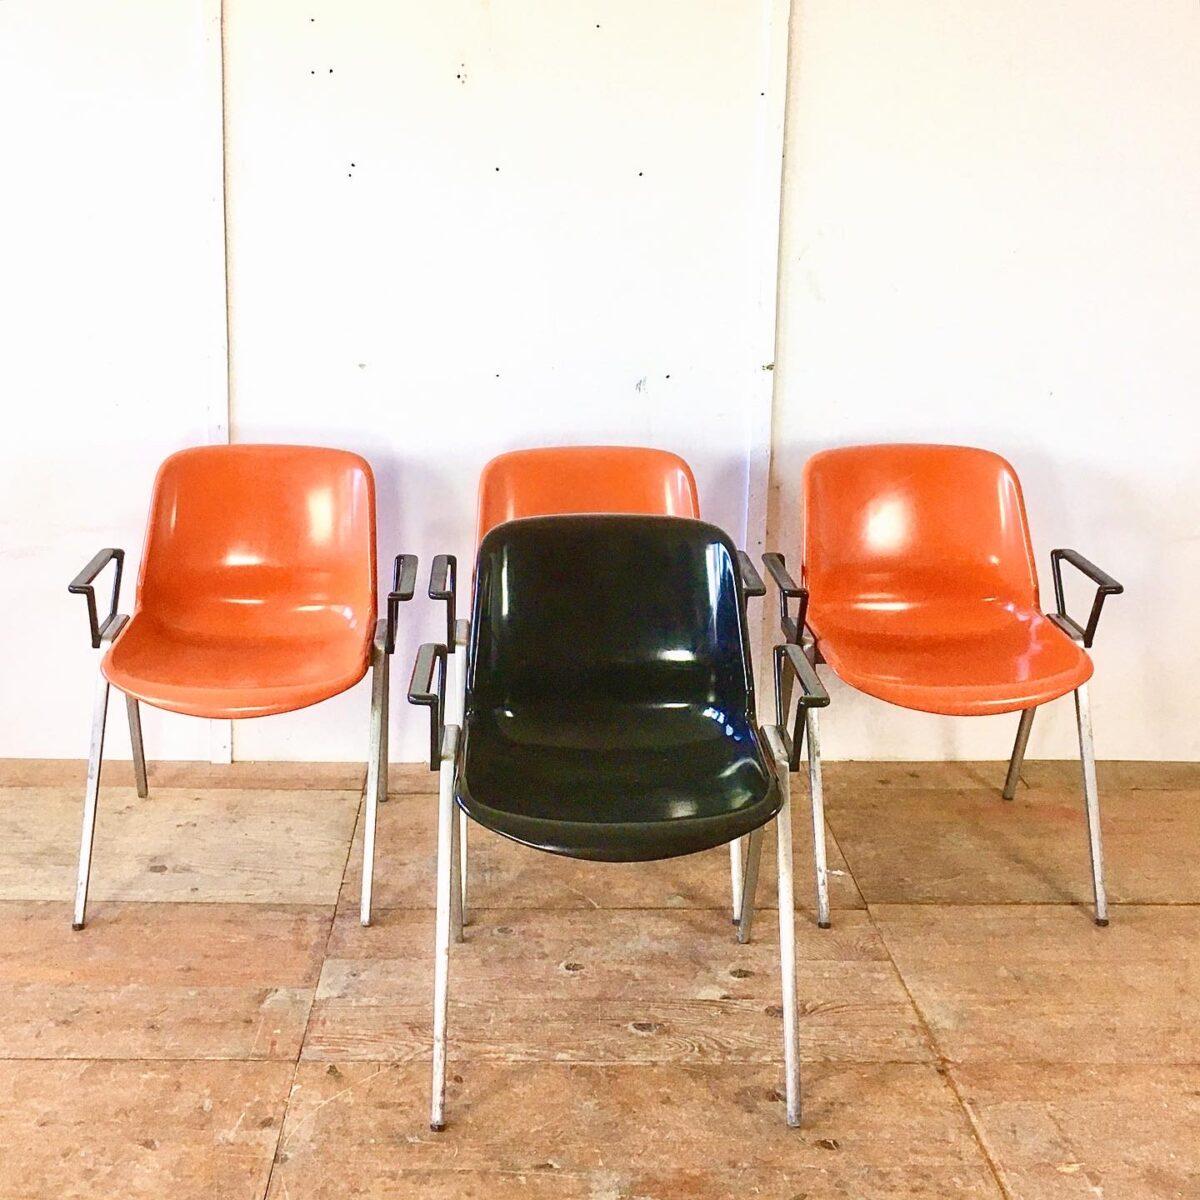 Schalensitz Stühle von Burkhard vogtherr Design Stapelstühle vintage Gartenstühle designklassiker fieberglas